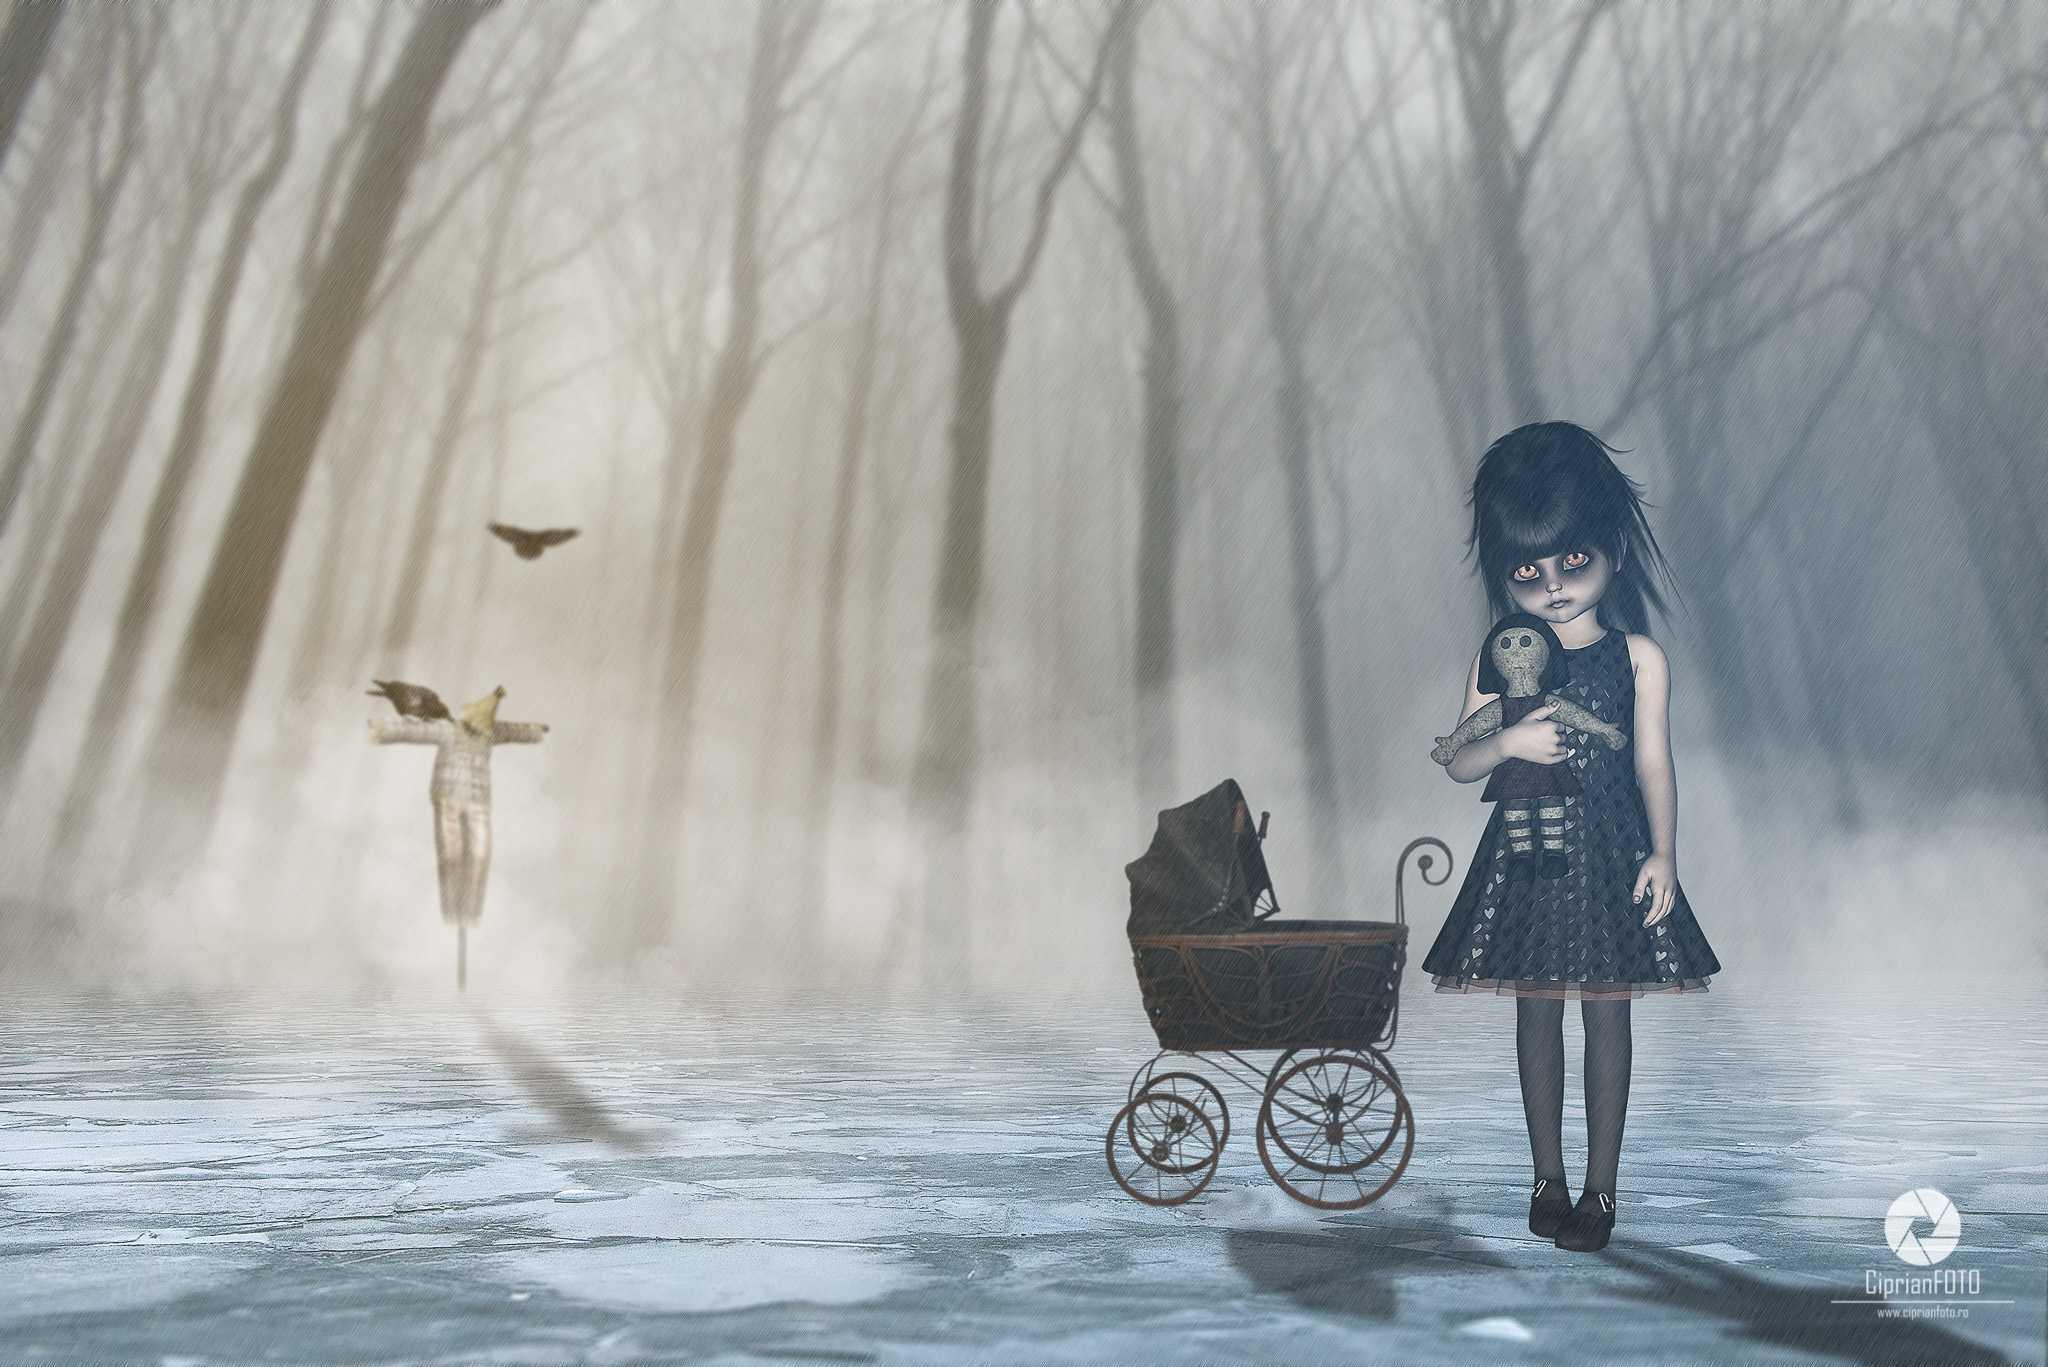 Lost_Girl_Photoshop_Manipulation_Tutorial_CiprianFOTO